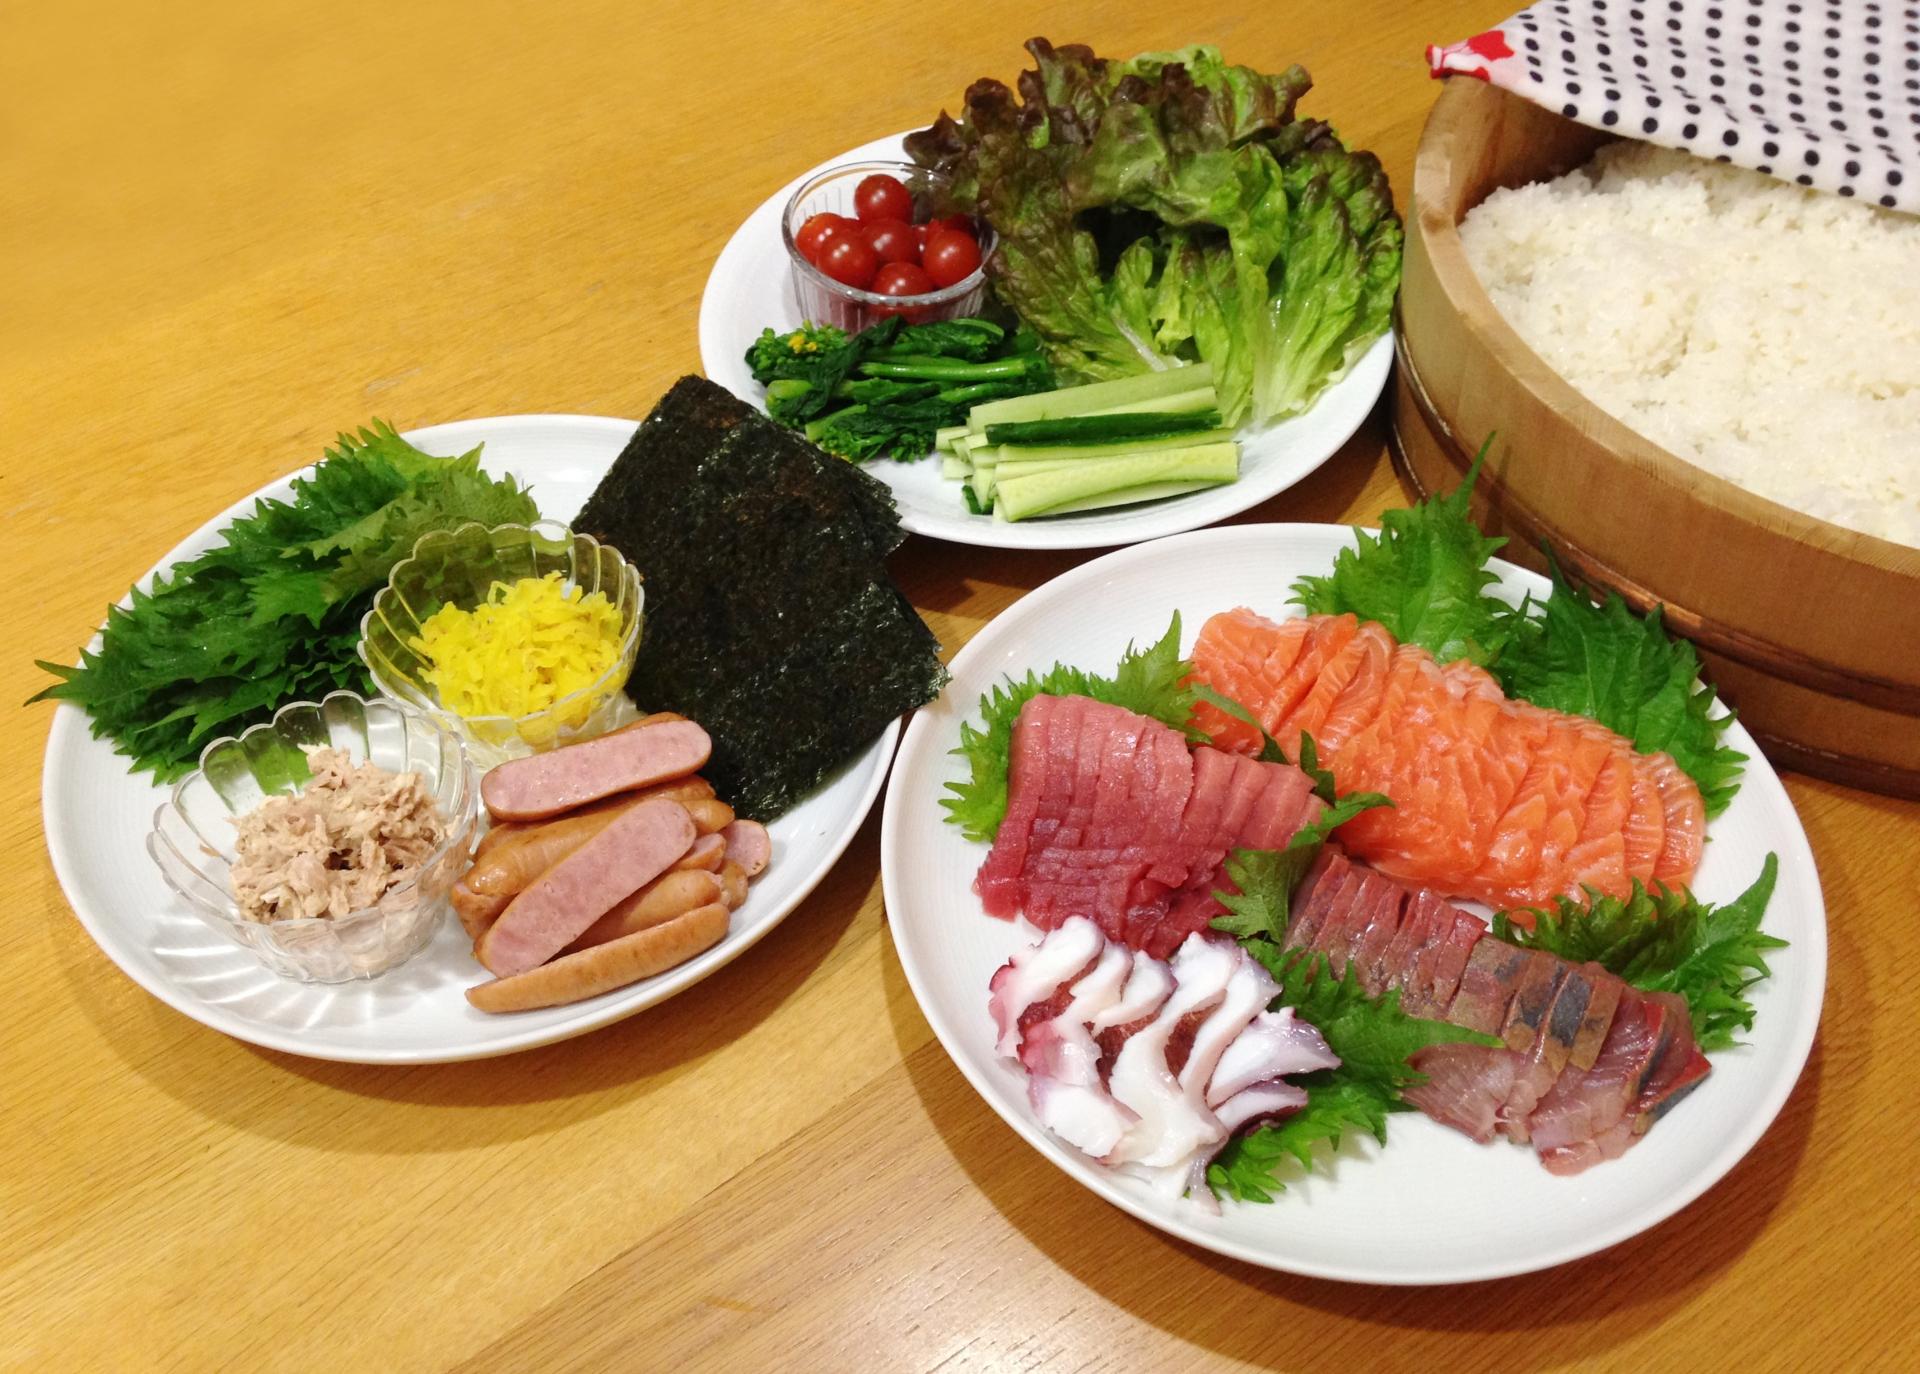 手 巻き 寿司 献立 子供も喜ぶ!手巻き寿司のレシピ&具のおすすめ組み合わせ:白ごはん....